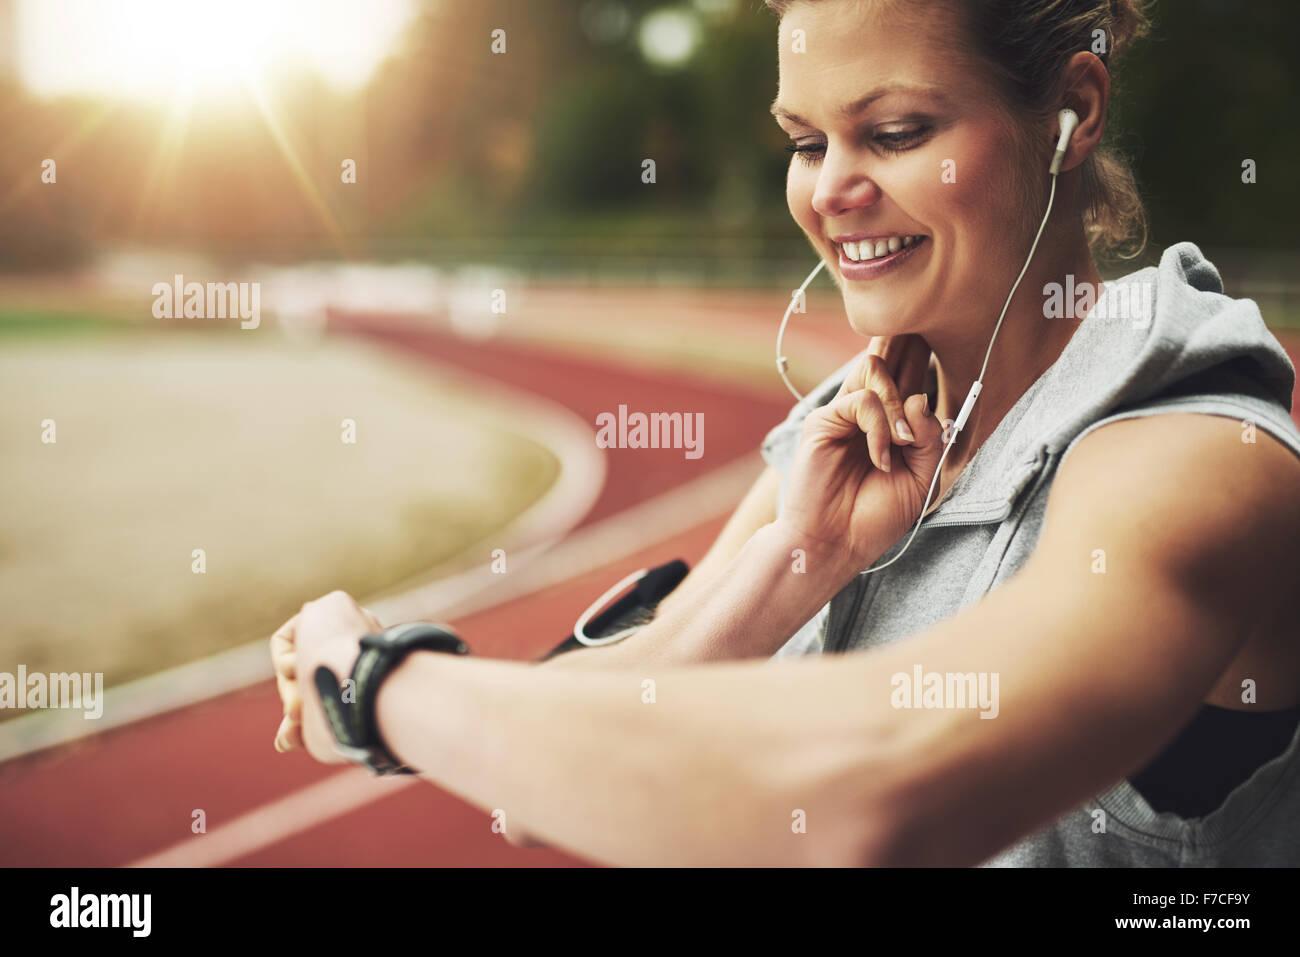 Close-up smiling sportswoman mirando su reloj y sintiendo el pulso en la pista antes del entrenamiento de campo Foto de stock